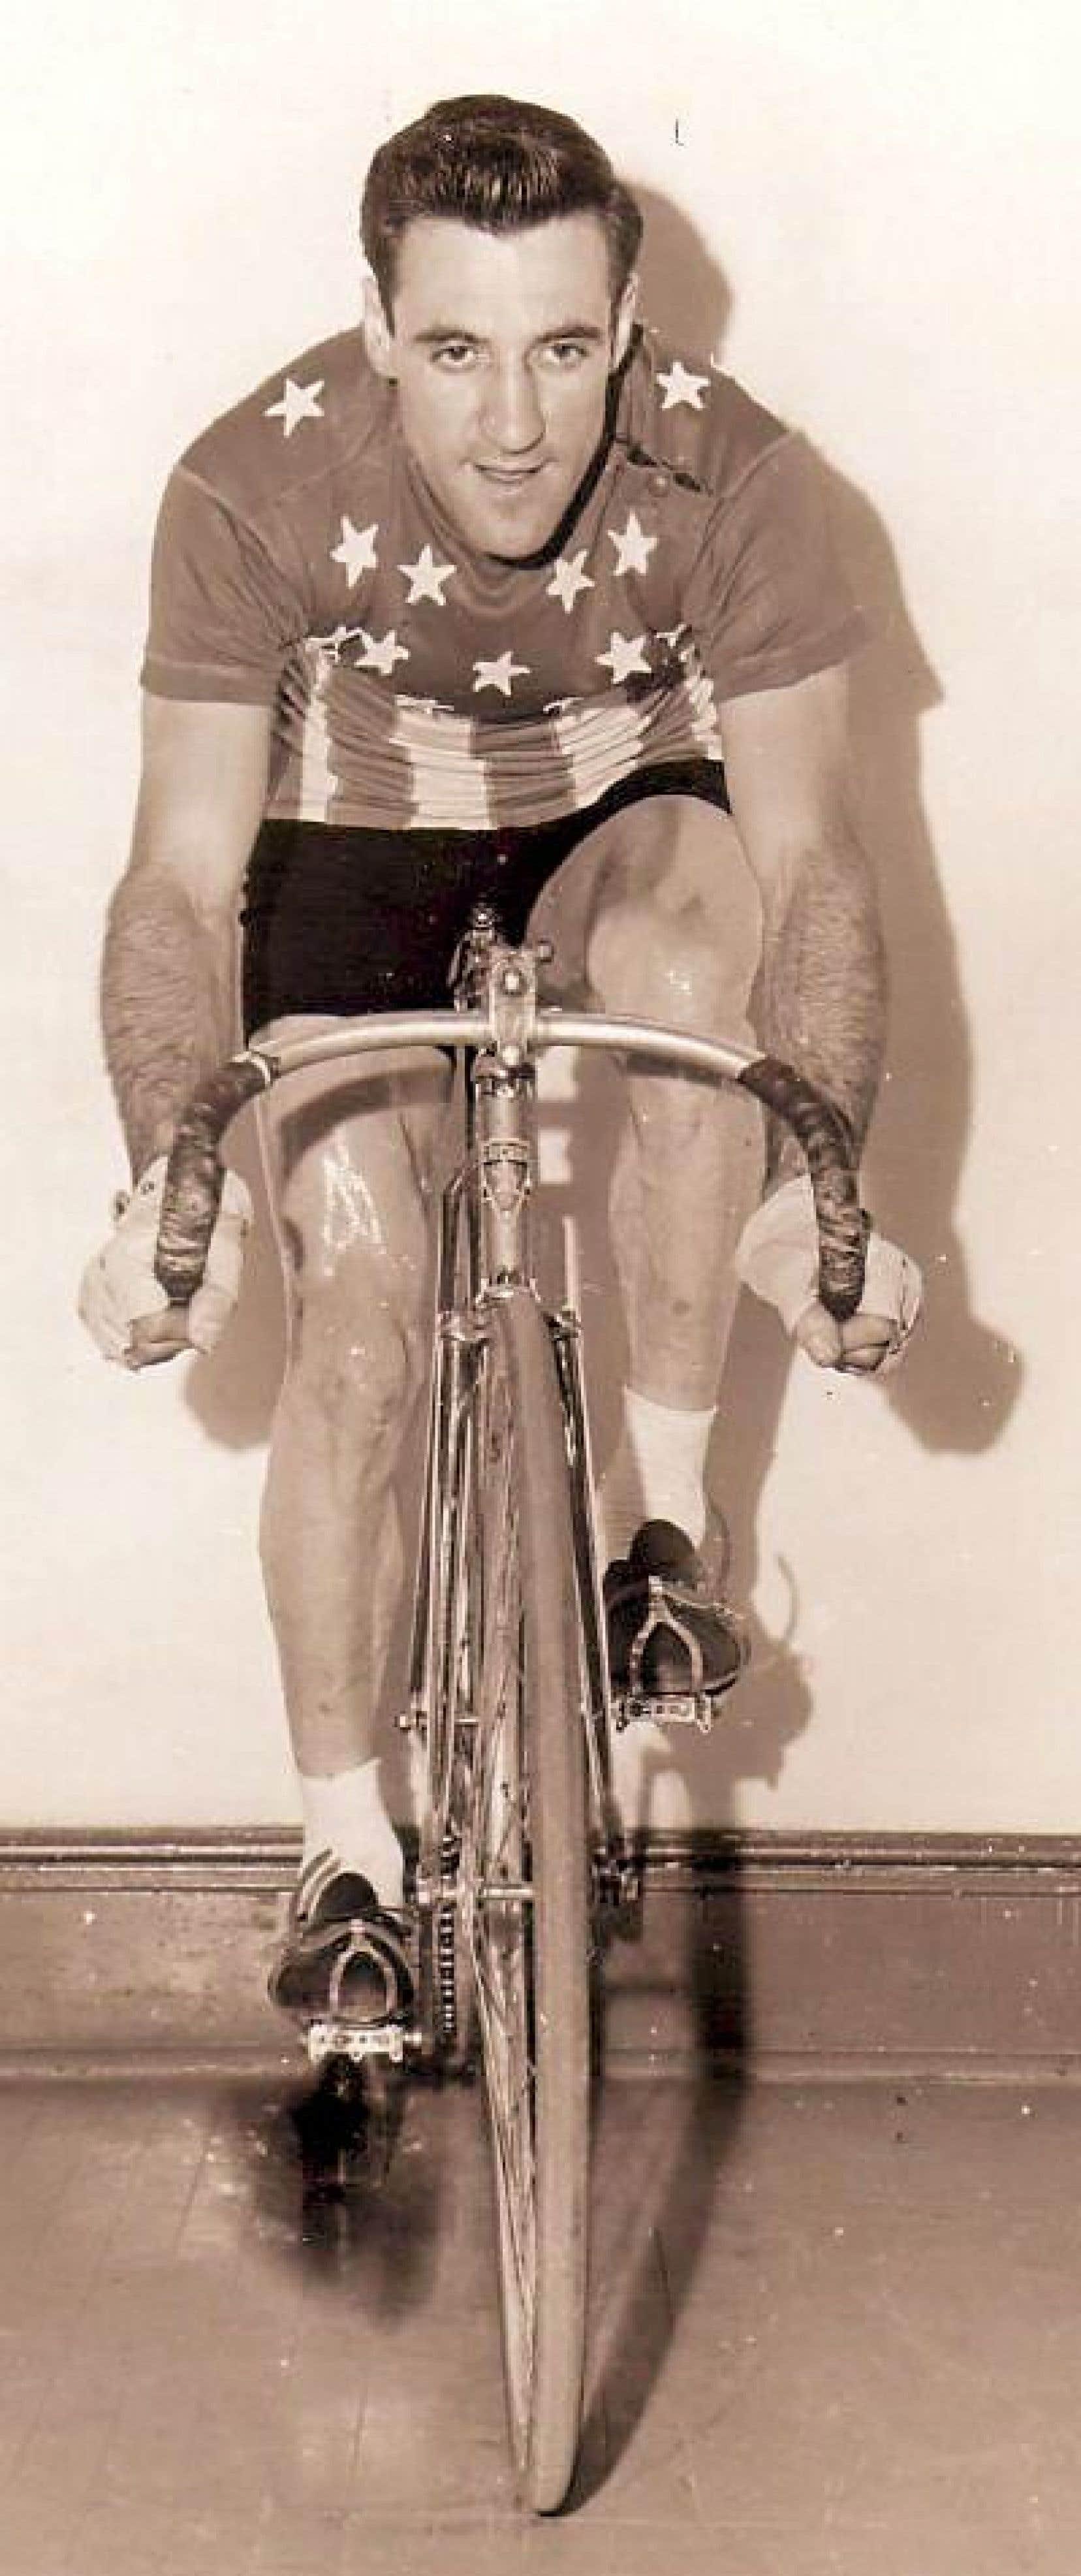 À vélo, René Cyr porta longtemps le maillot des Canadiens de Montréal